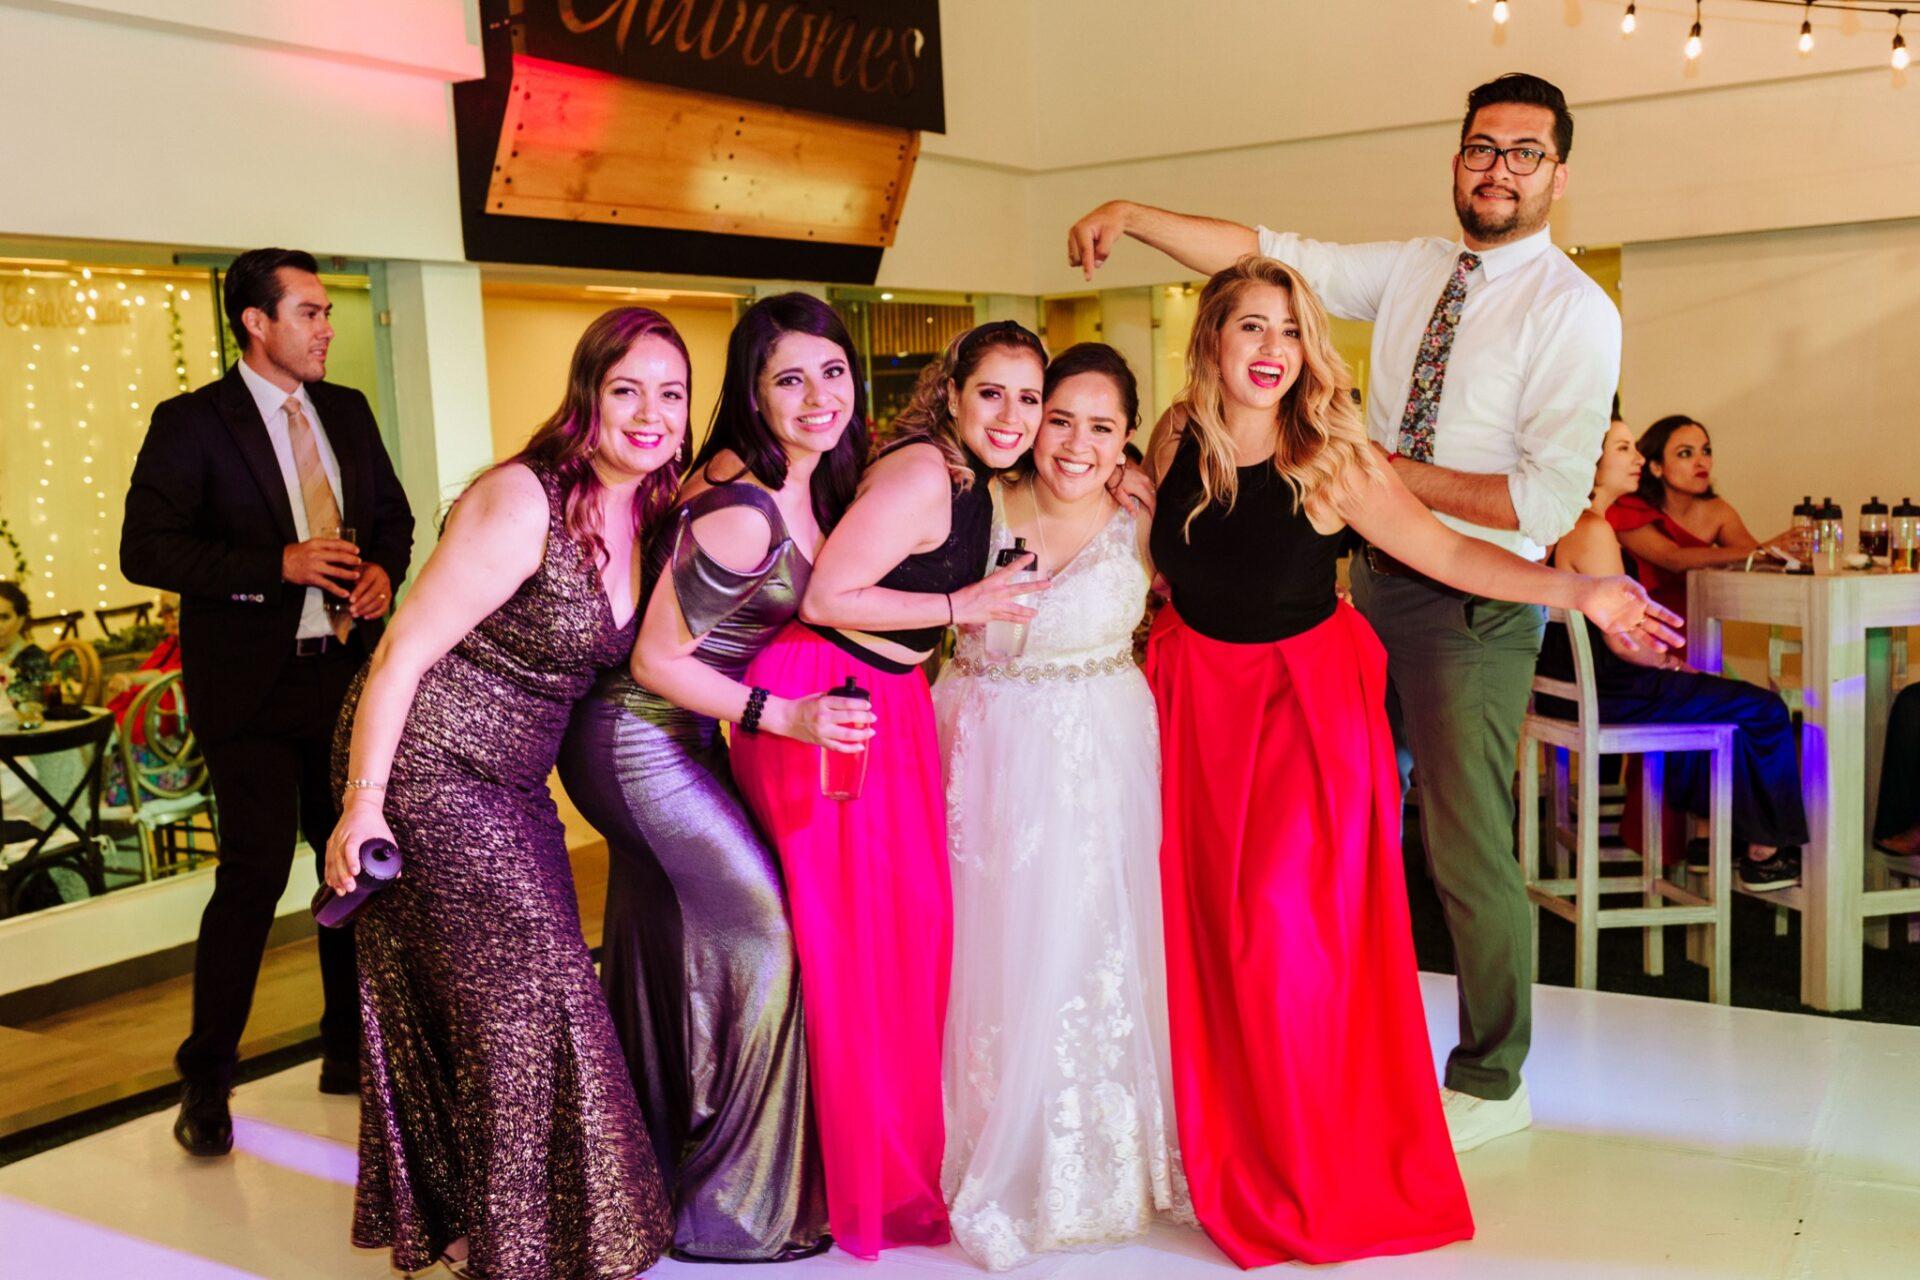 javier_noriega_fotografo_bodas_los_gaviones_zacatecas_wedding_photographer29